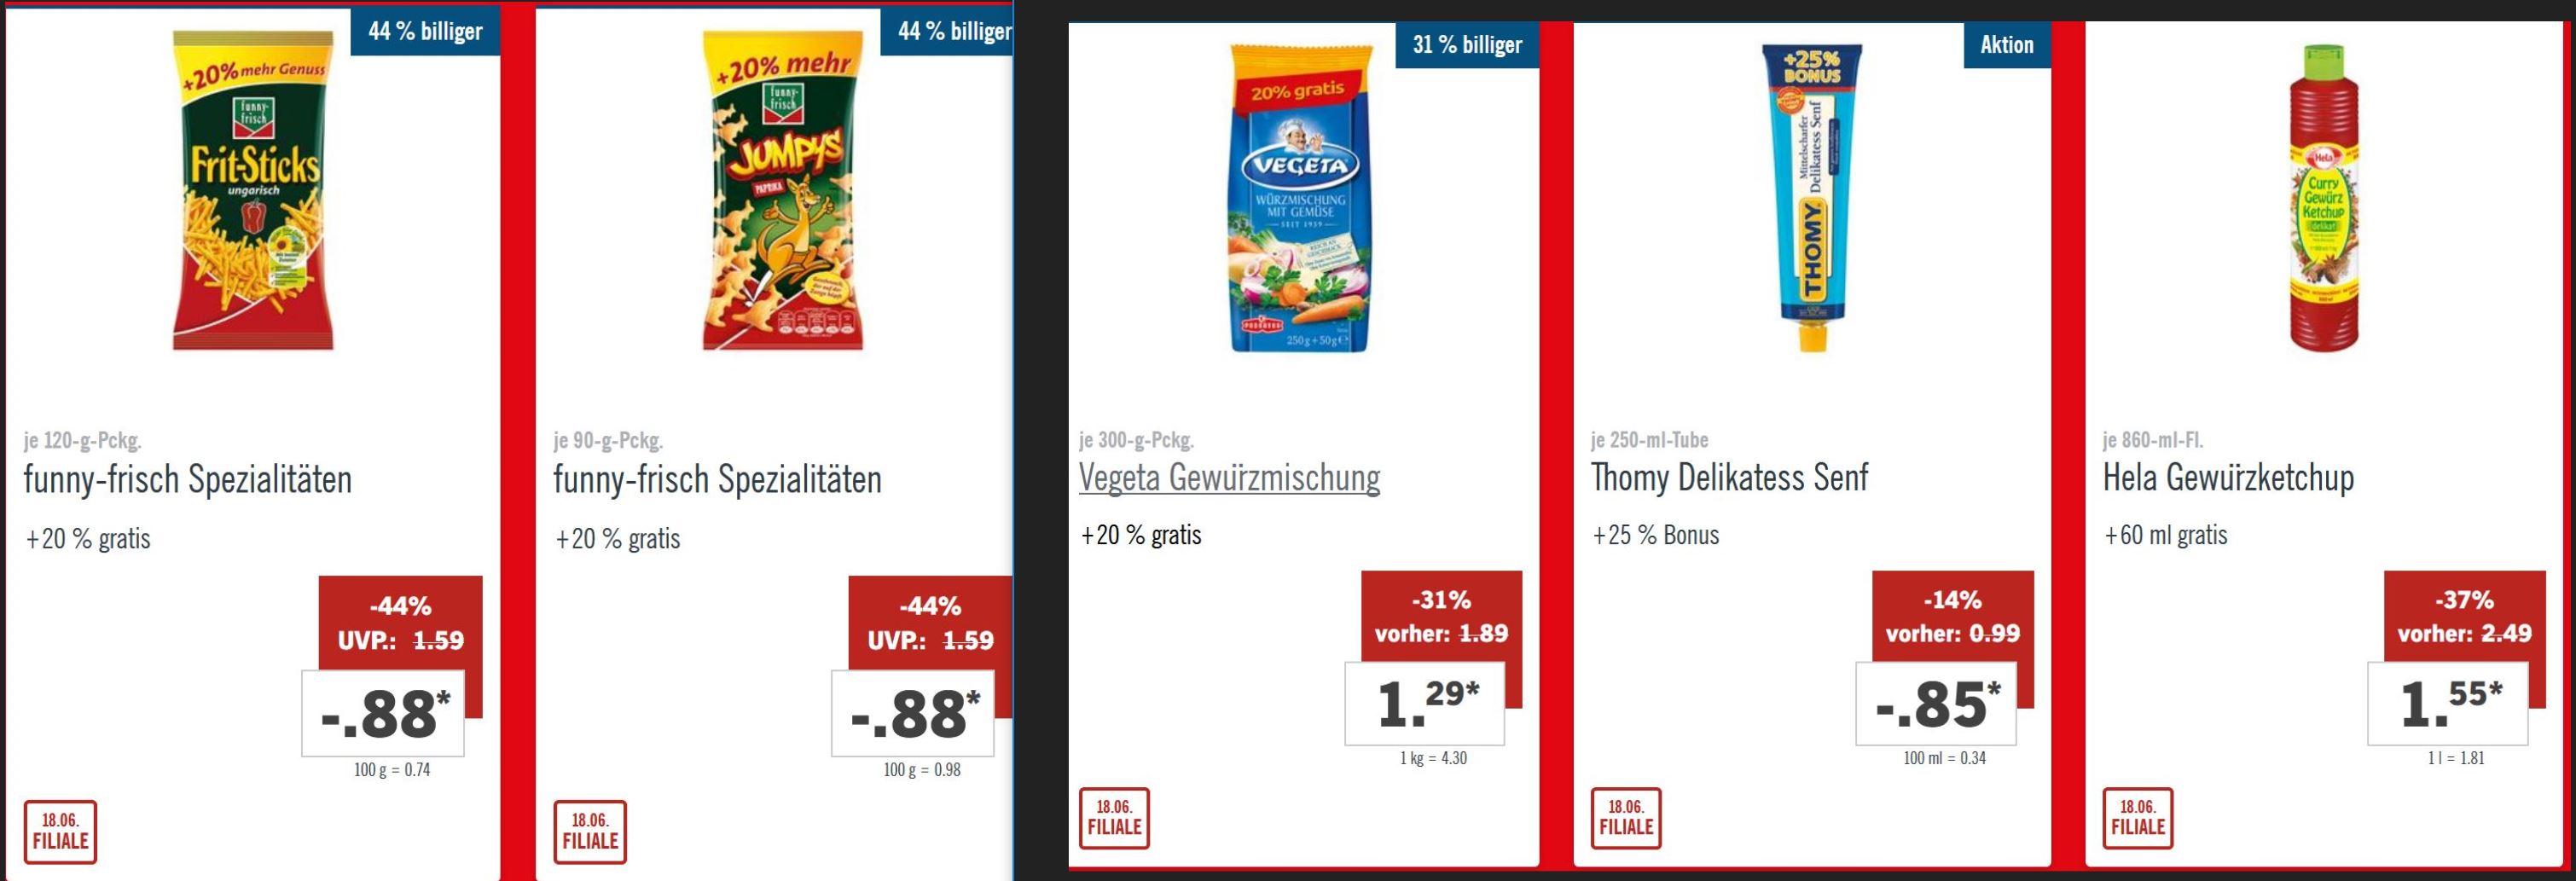 Vegeta Gewürzmischung + 20%, Hela Gewürzketchup + 60ml 860 ml für 1,55  €, Thomy Senf + 20% (250 ml) für 0,85 €, FF Sticks oder Jumpys + 20% für 0,88 €